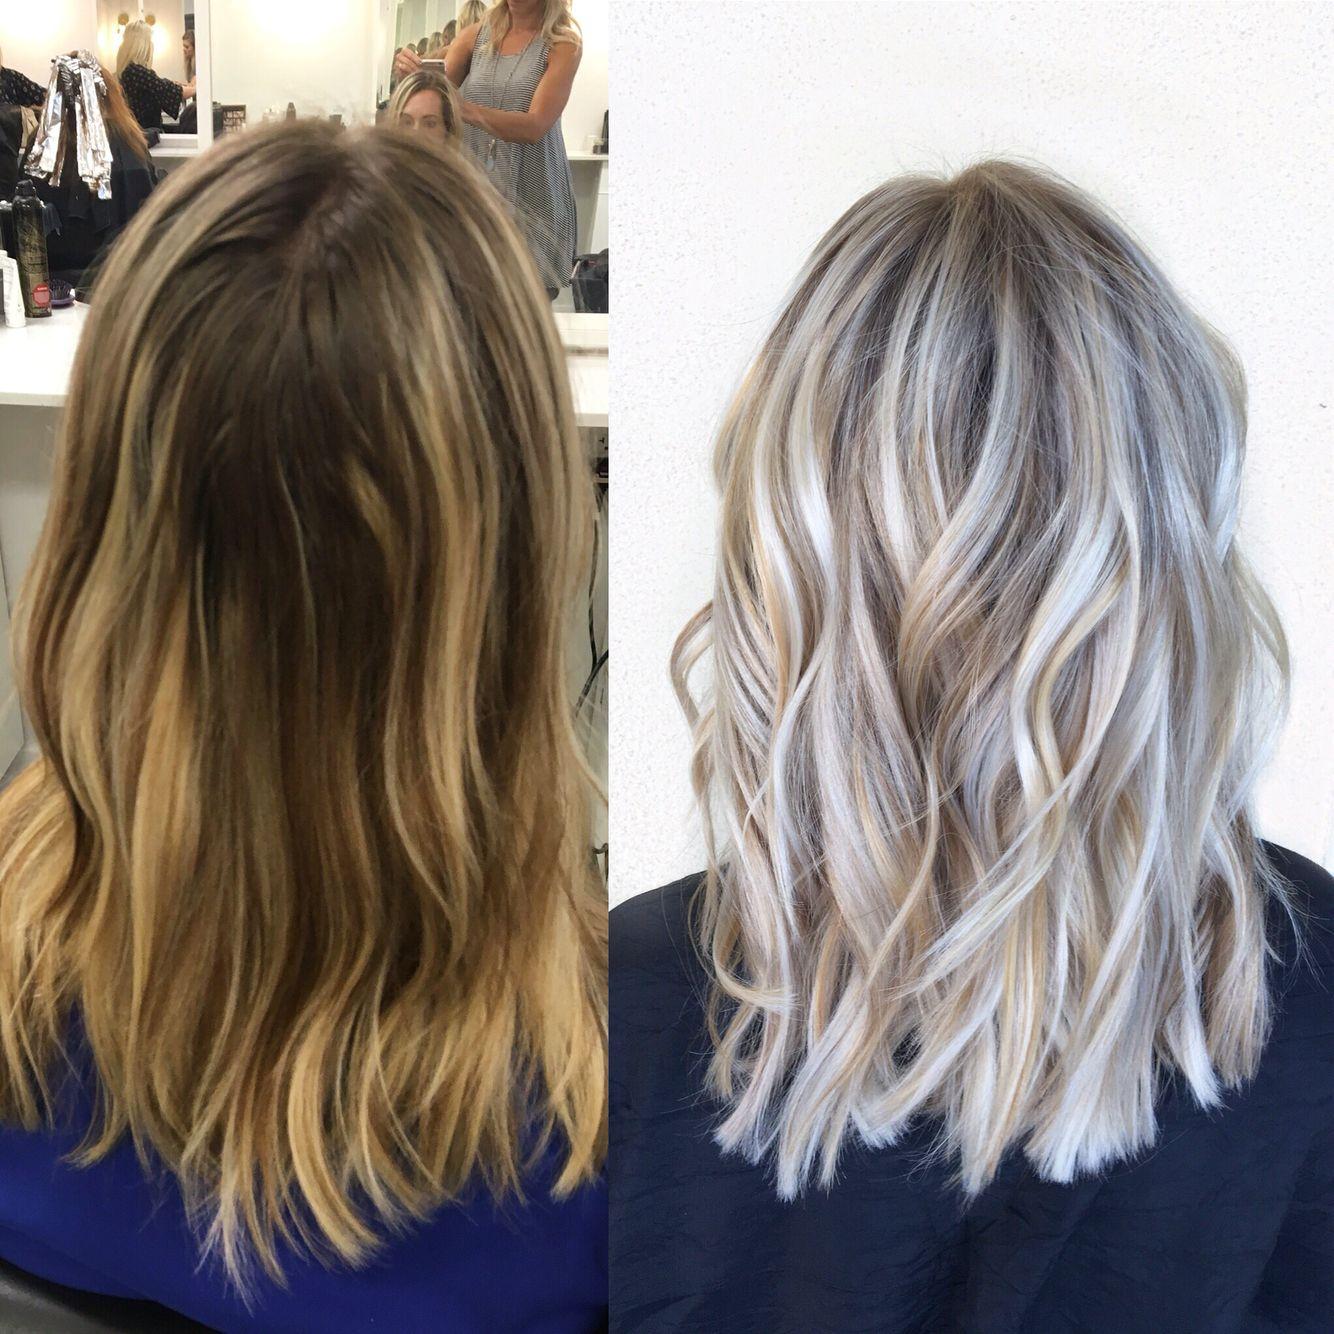 Done By Alexaa3 At Habit Salon In Gilbert Az Ash Blonde